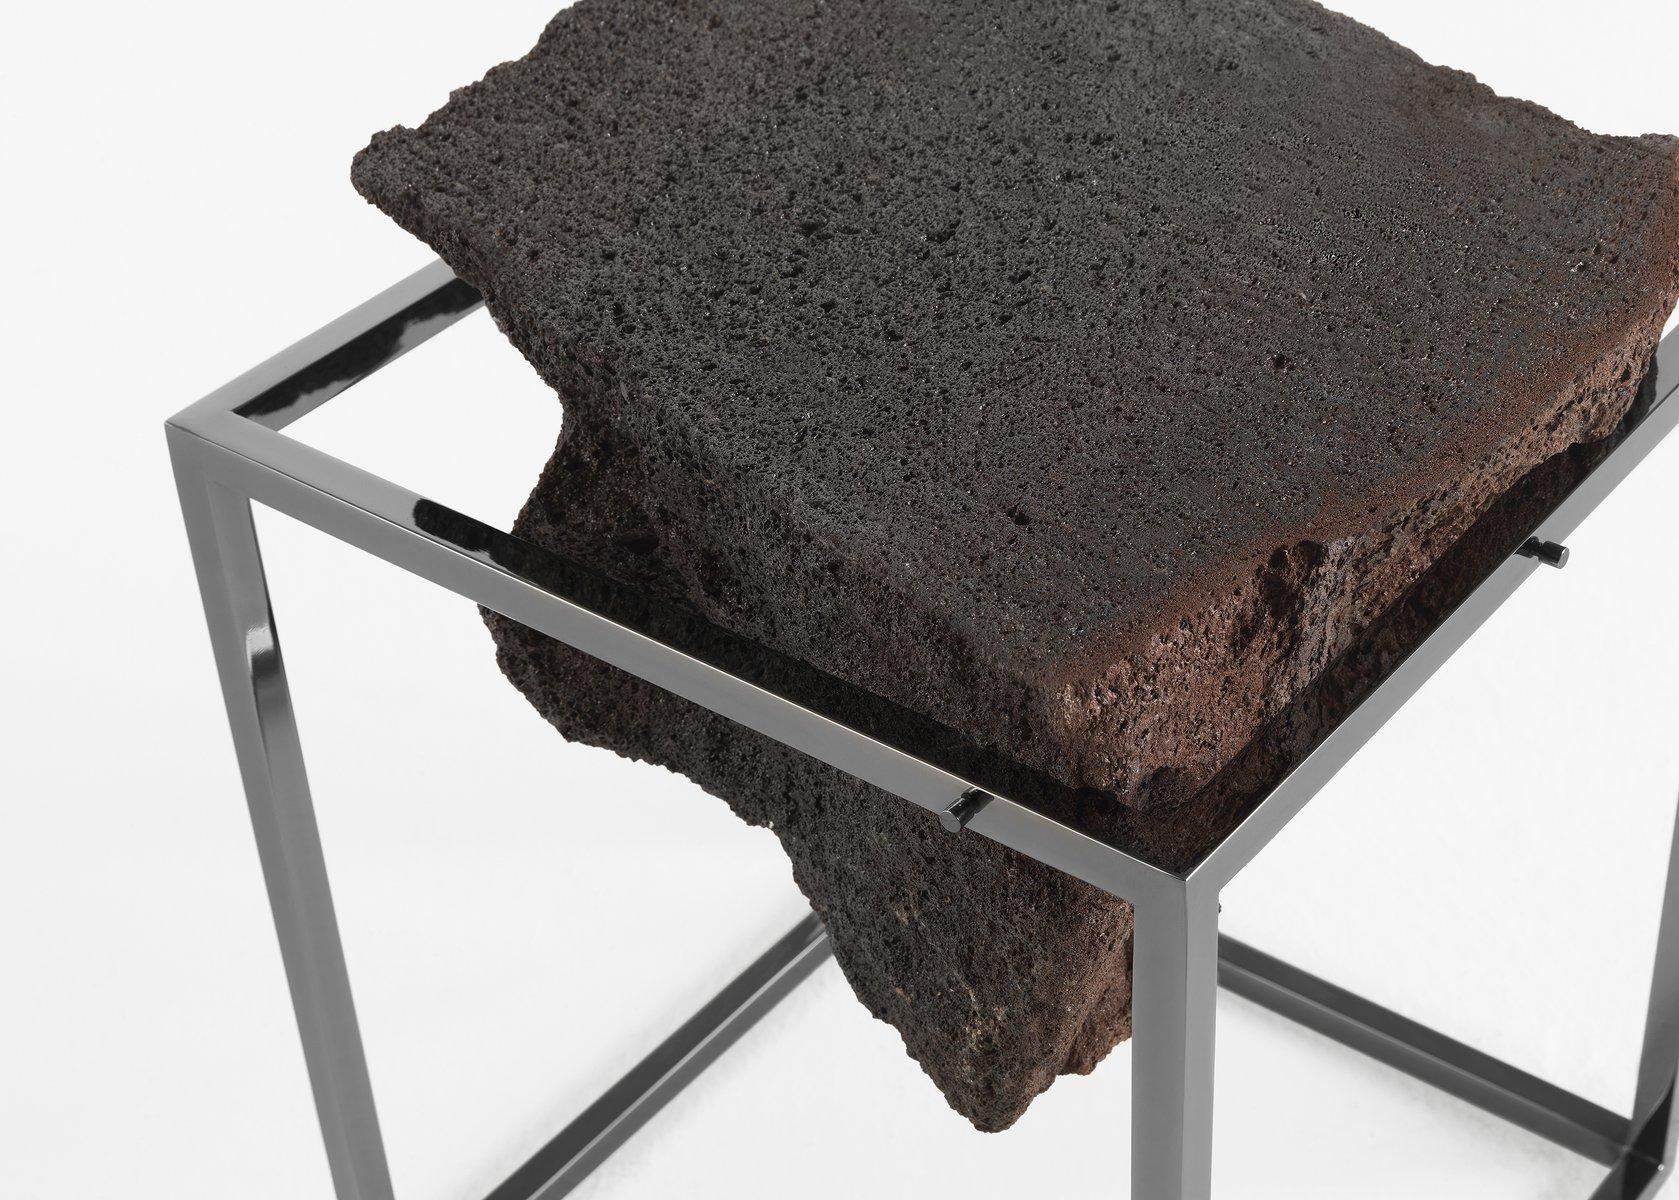 hoher chrom antivol tisch von ctrlzak f r jcp bei pamono. Black Bedroom Furniture Sets. Home Design Ideas